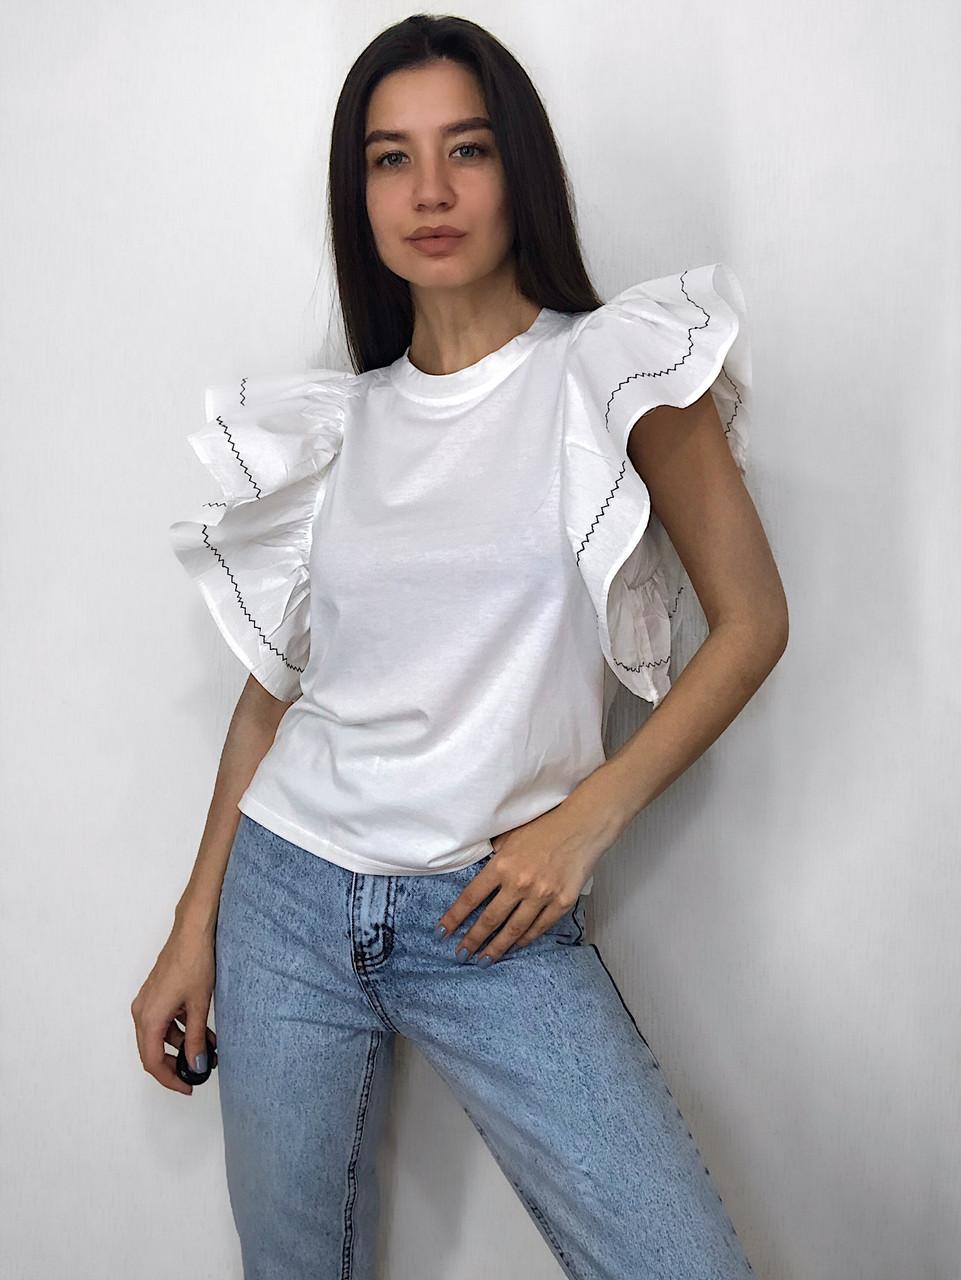 Трикотажная женская футболка с большими двойными воланами 79ut256